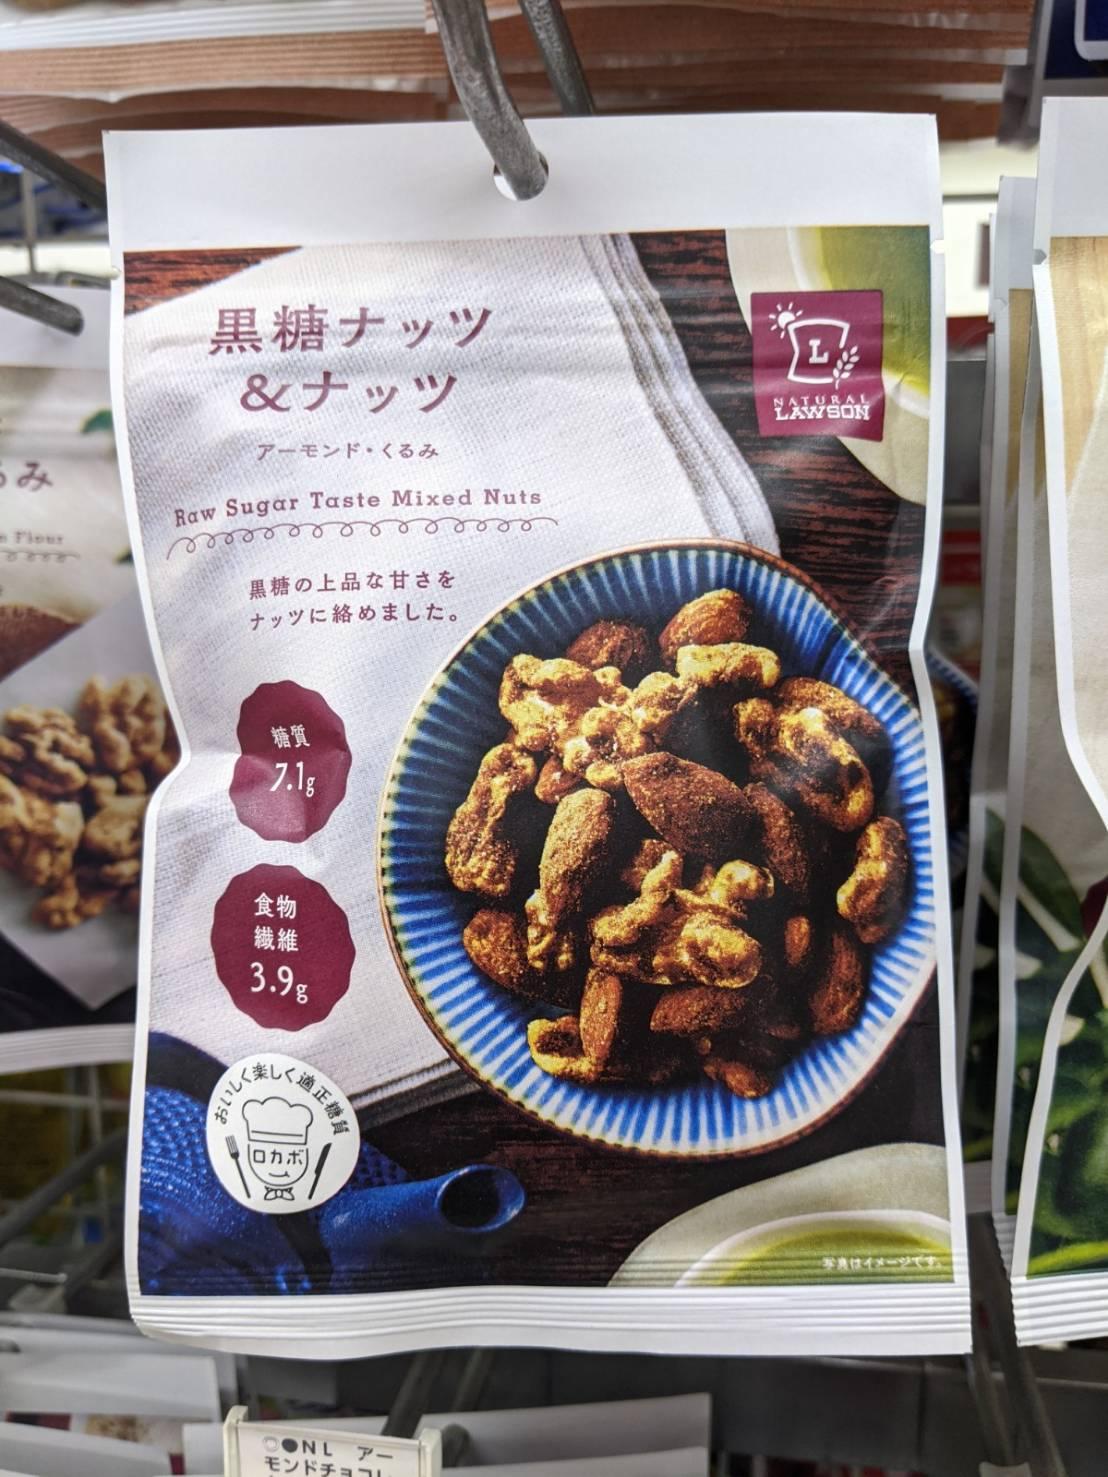 Lawson Raw Sugar Taste Mixed Nuts